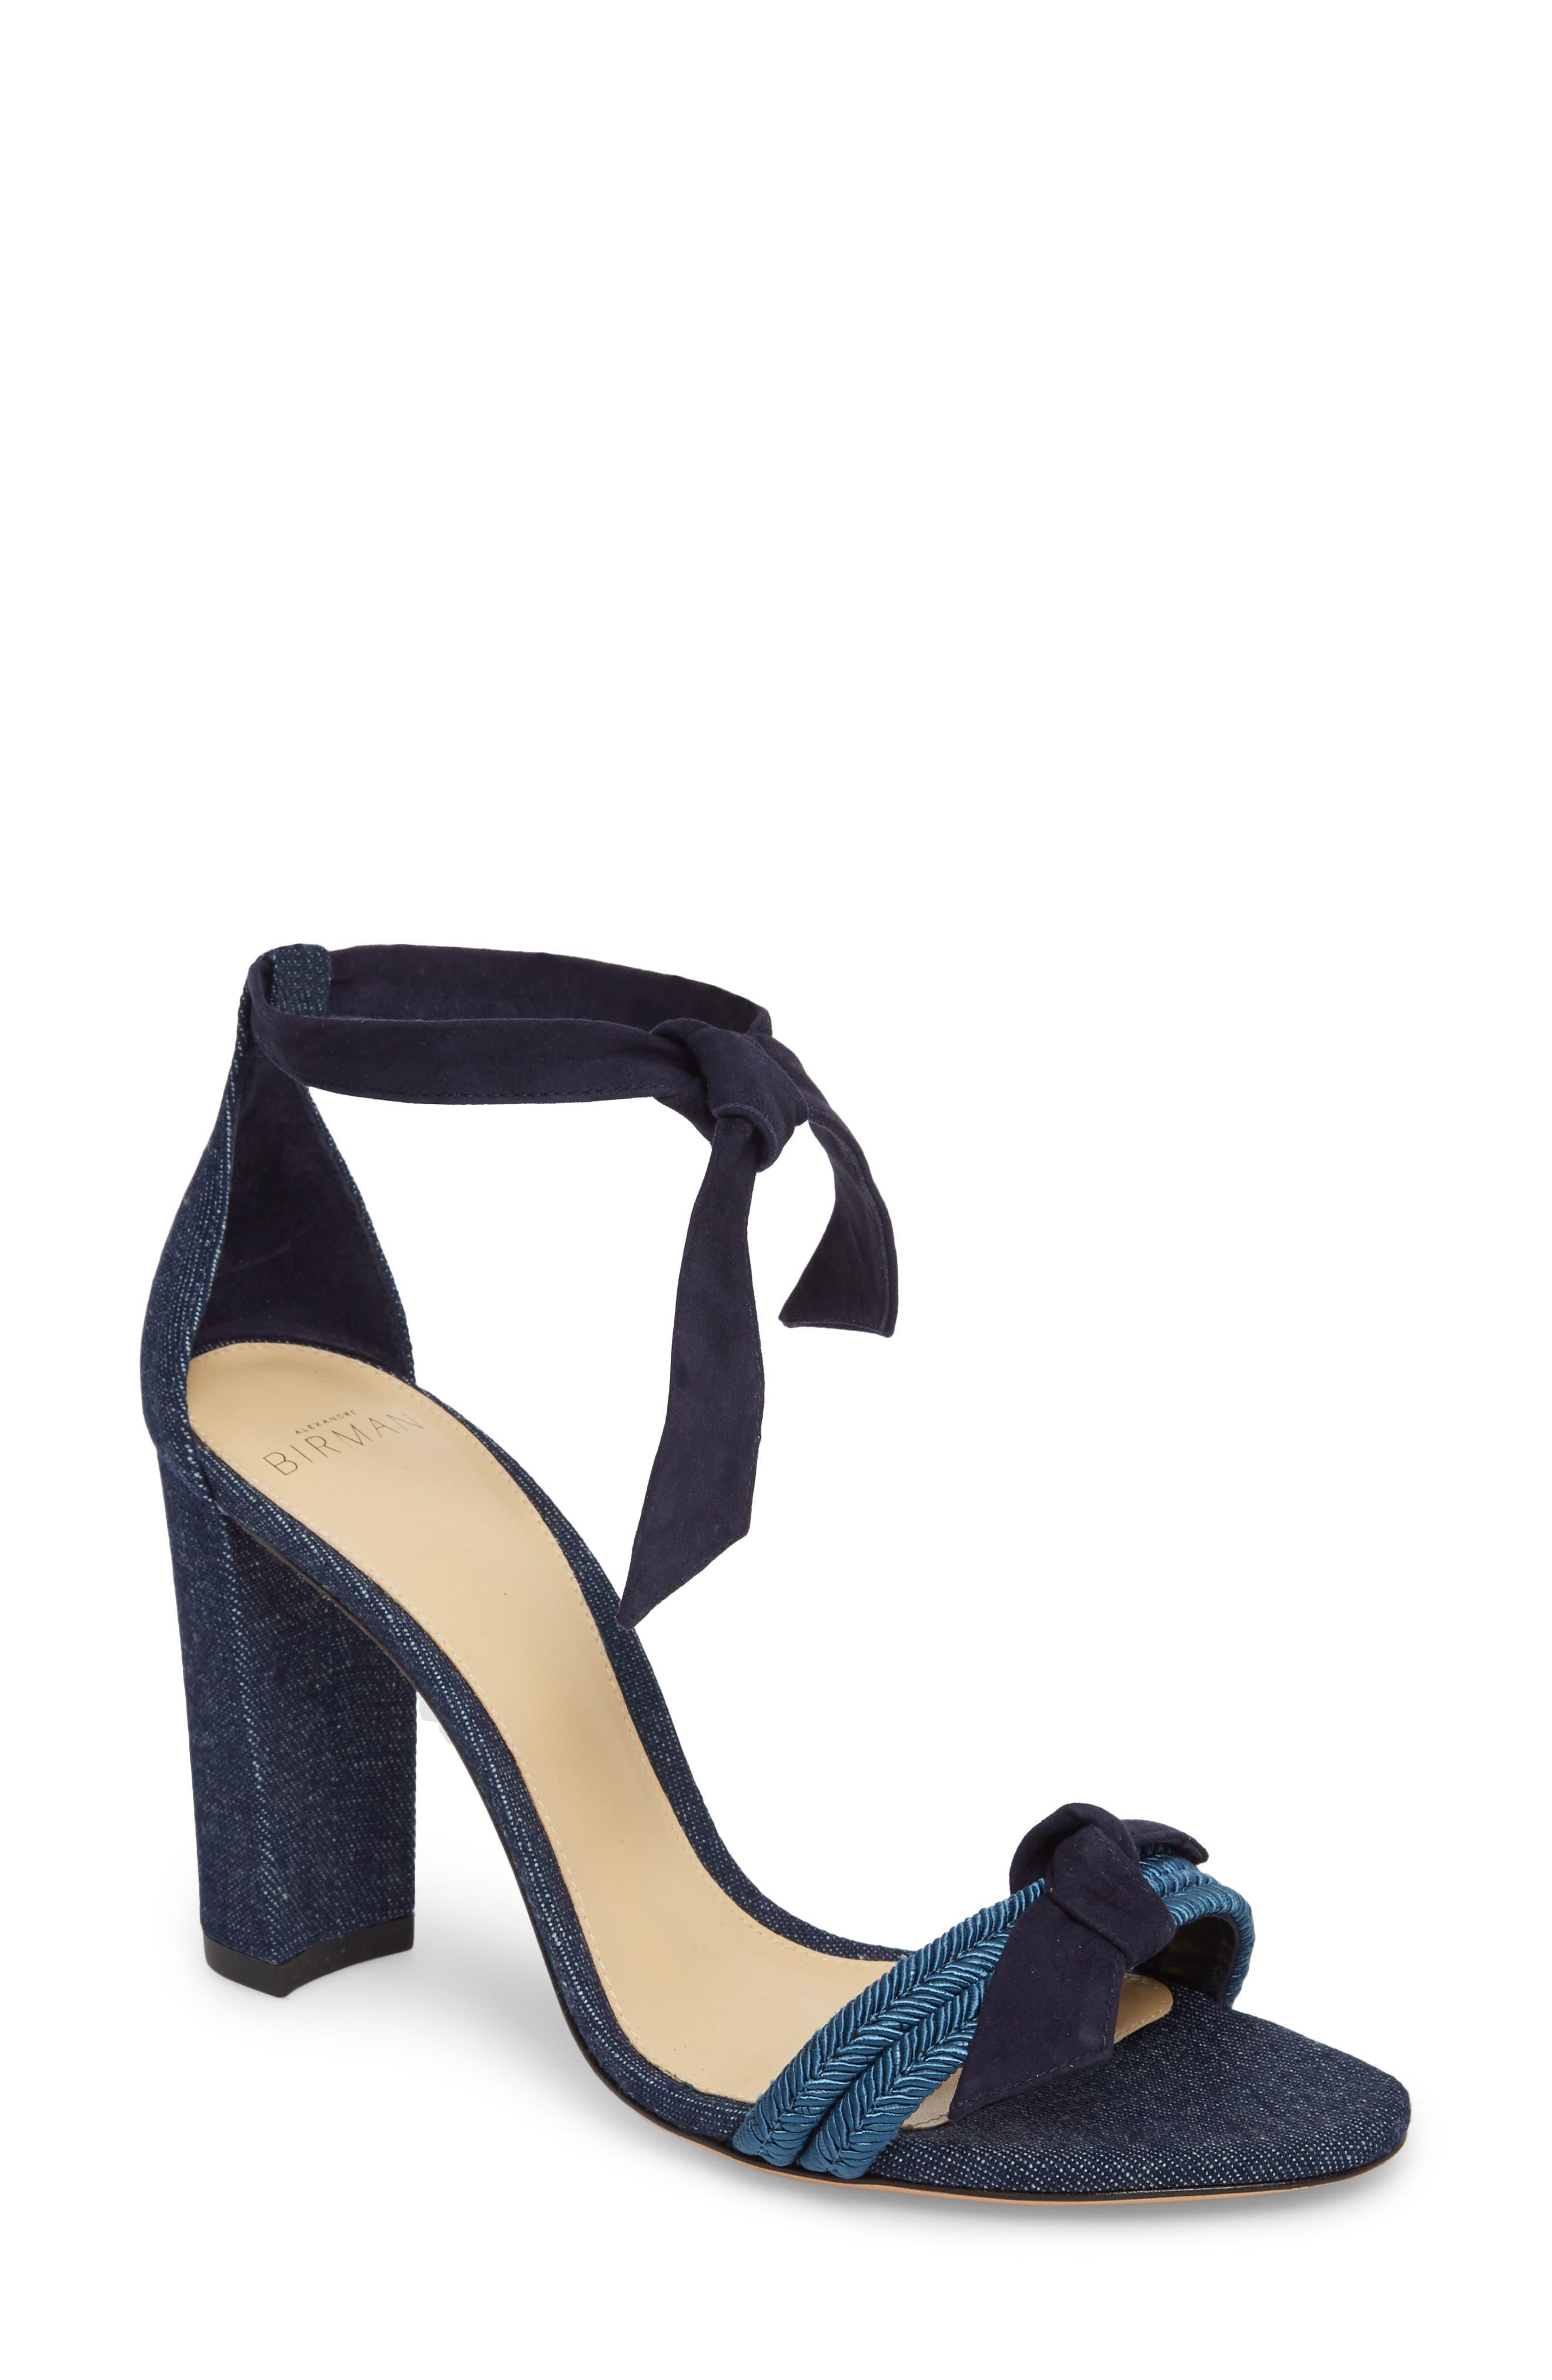 Clarita Sandal,                         Main,                         color, Denim